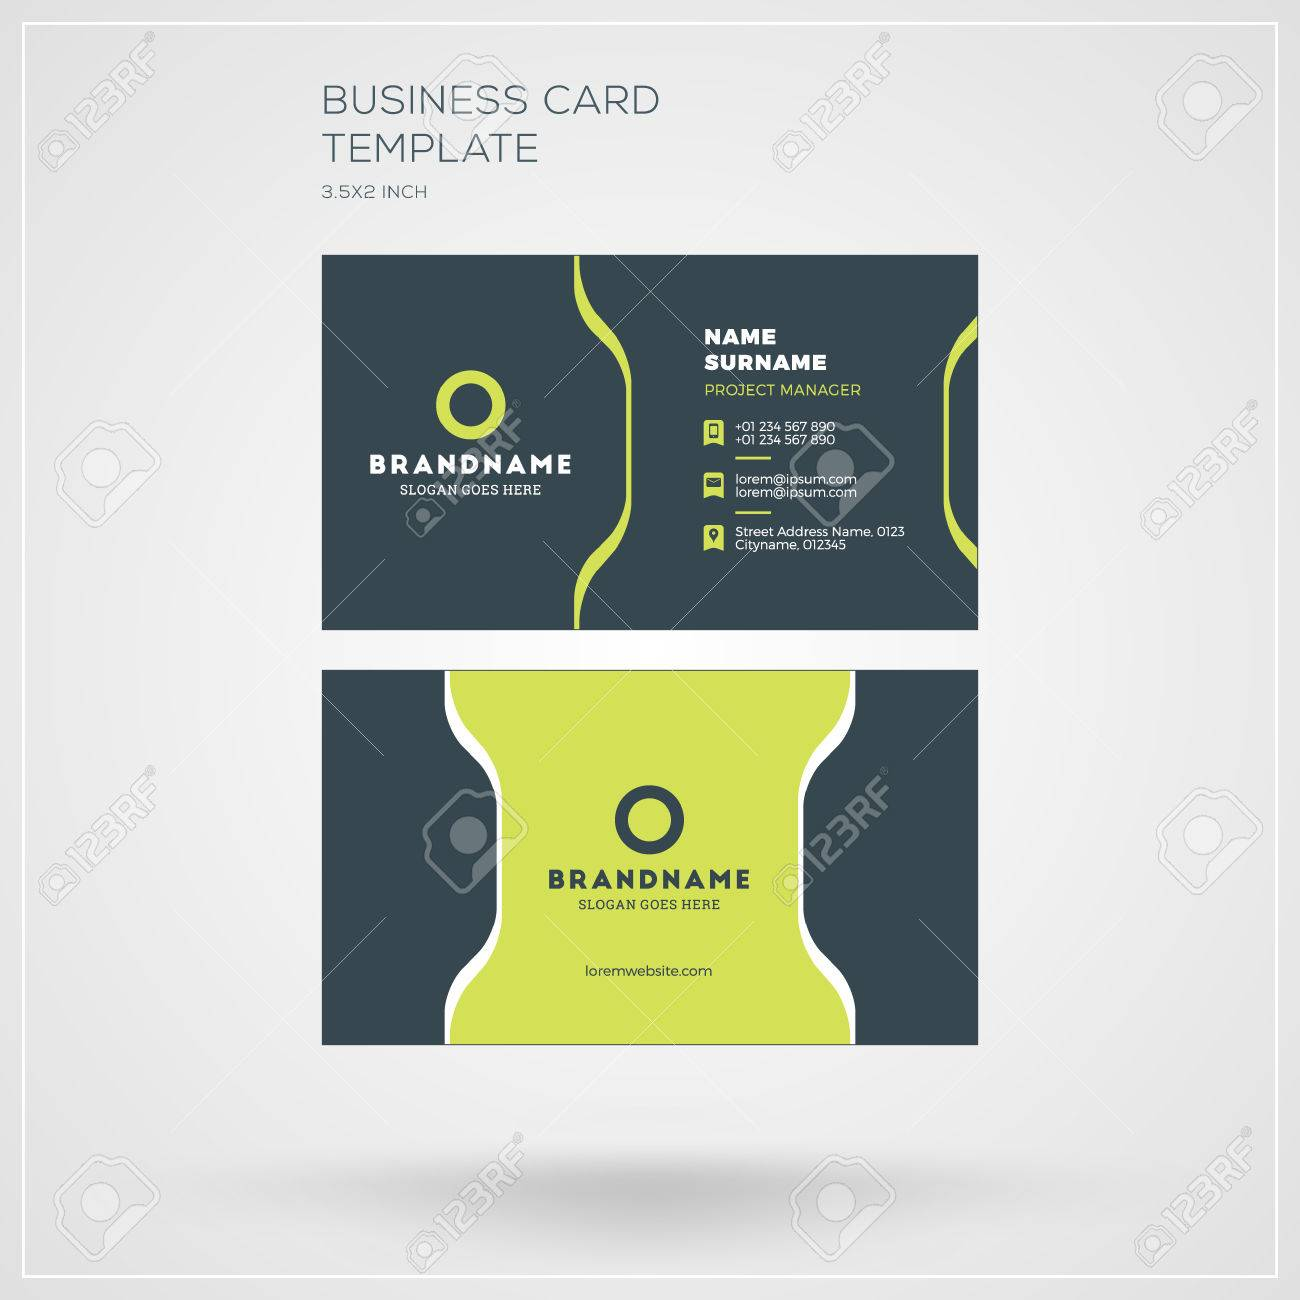 foto de archivo plantillas de tarjetas de vectores tarjeta de presentacin personal con logotipo de la compaa diseo plana y limpia